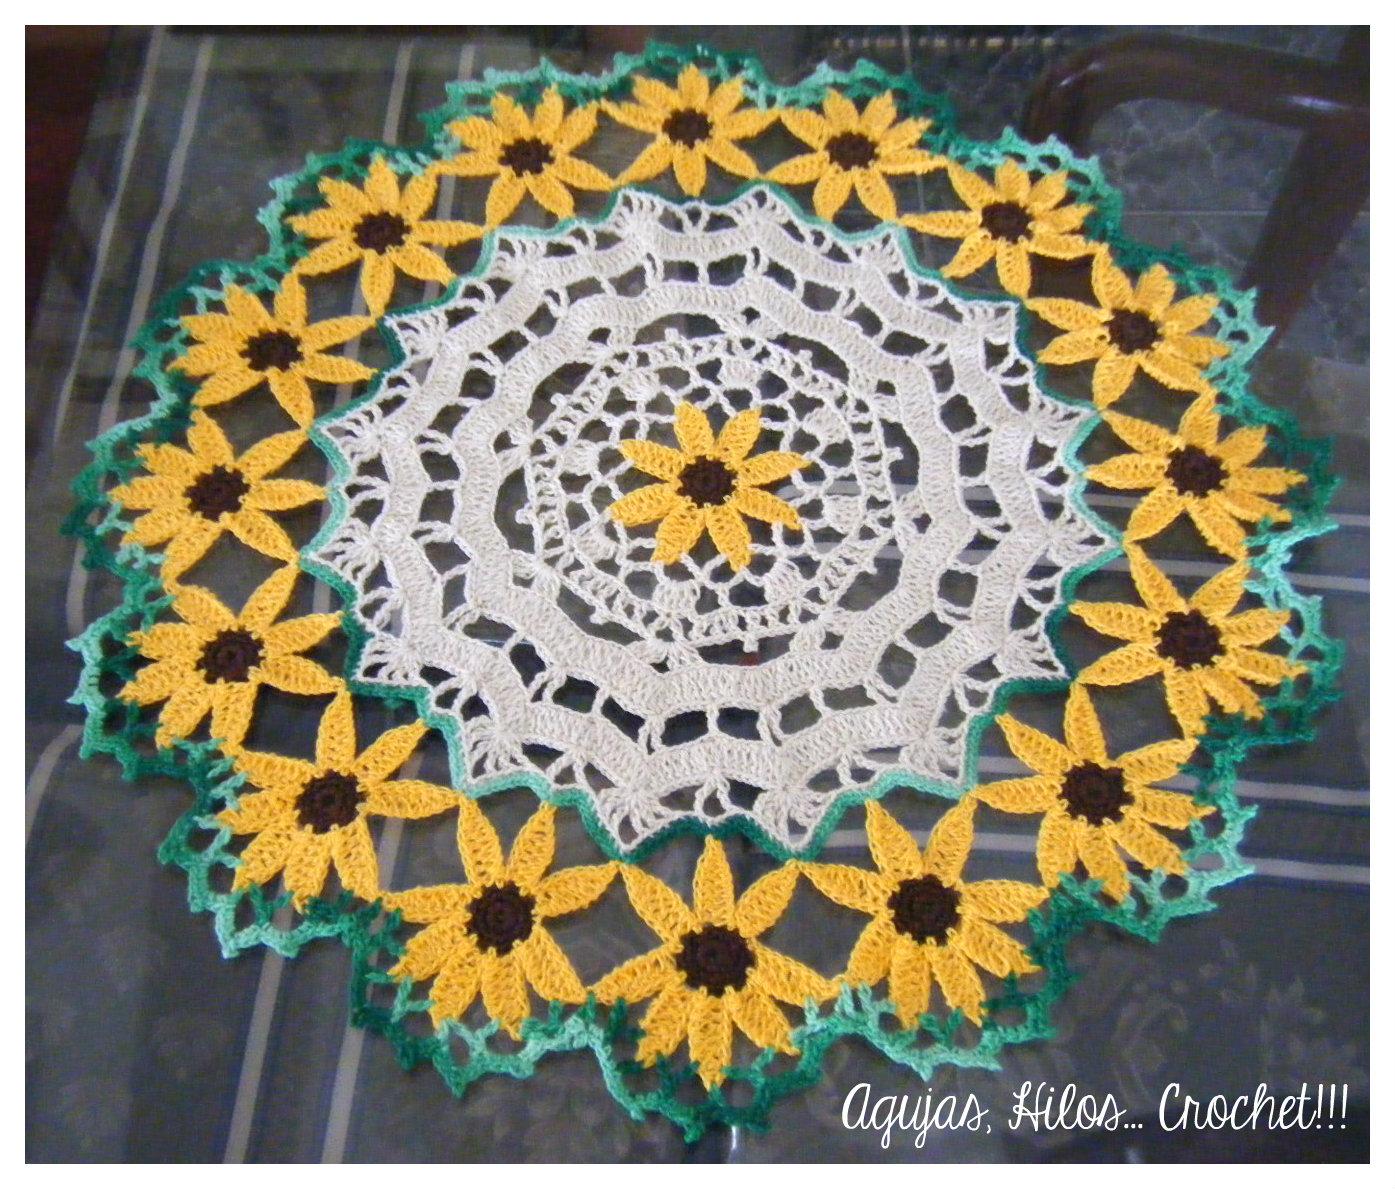 Tapete girasoles - Sunflower Doily - Agujas, Hilos... Crochet!!!